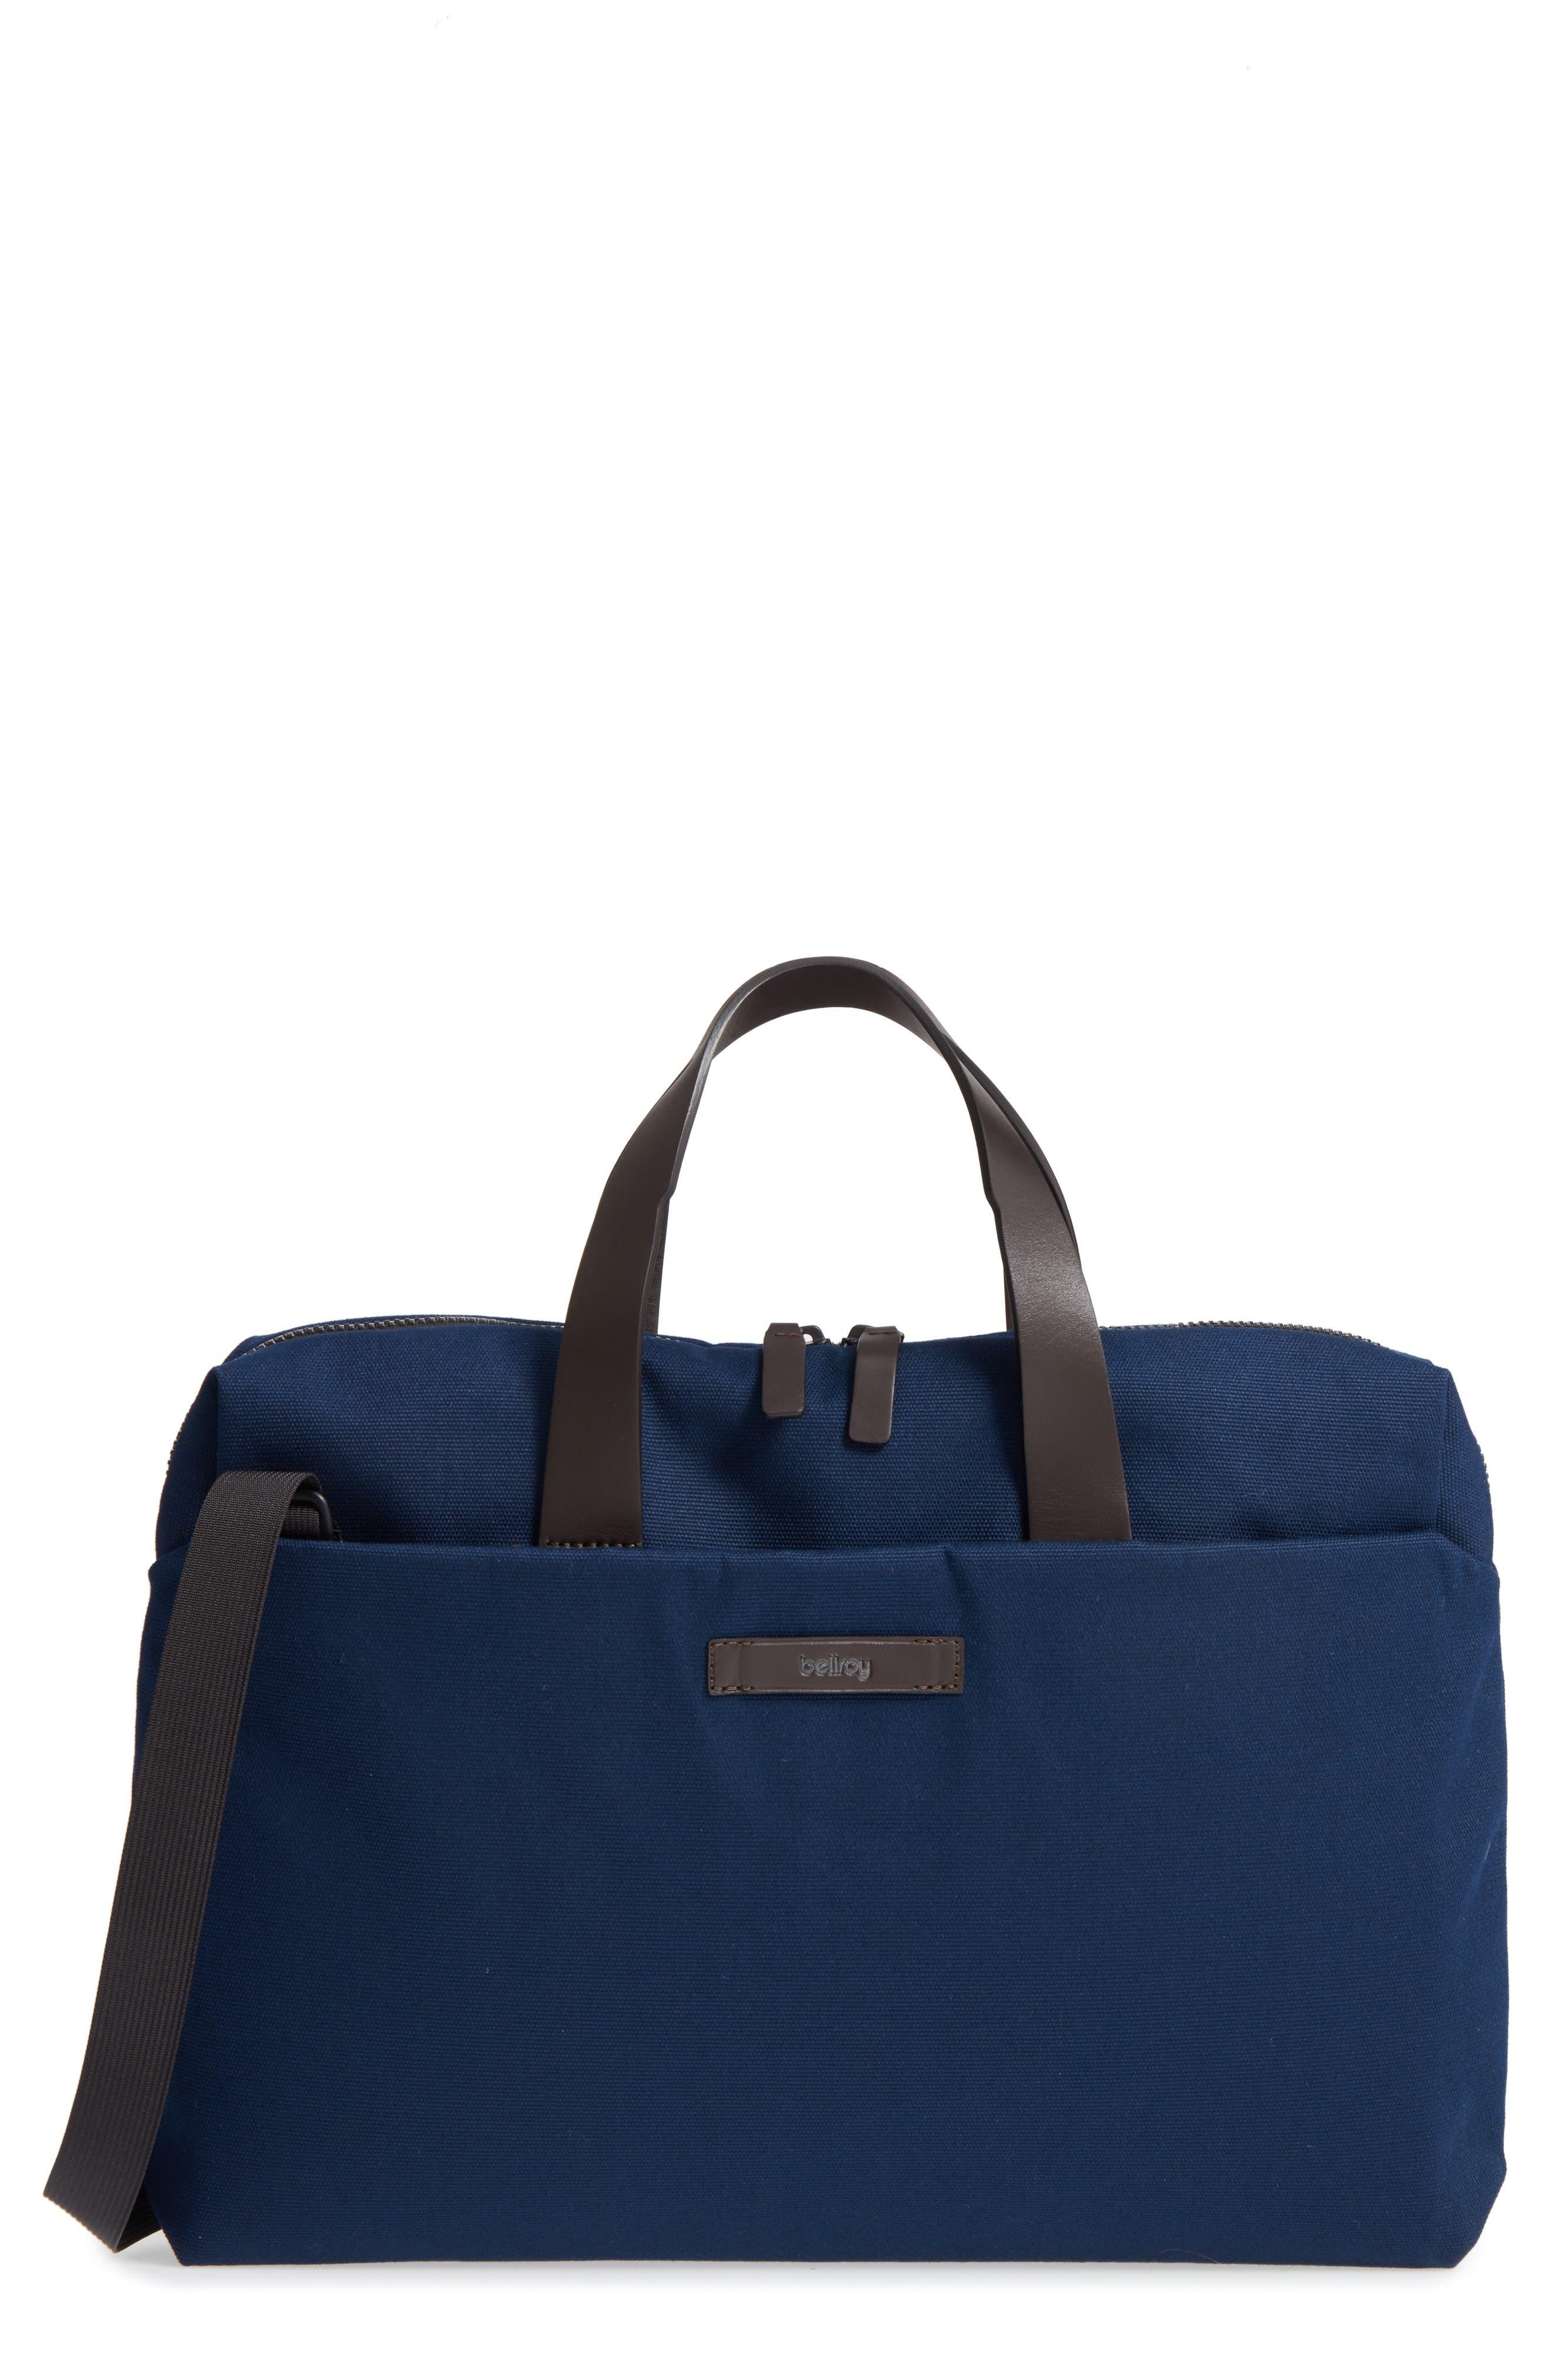 BELLROY SLIM BRIEFCASE - BLUE